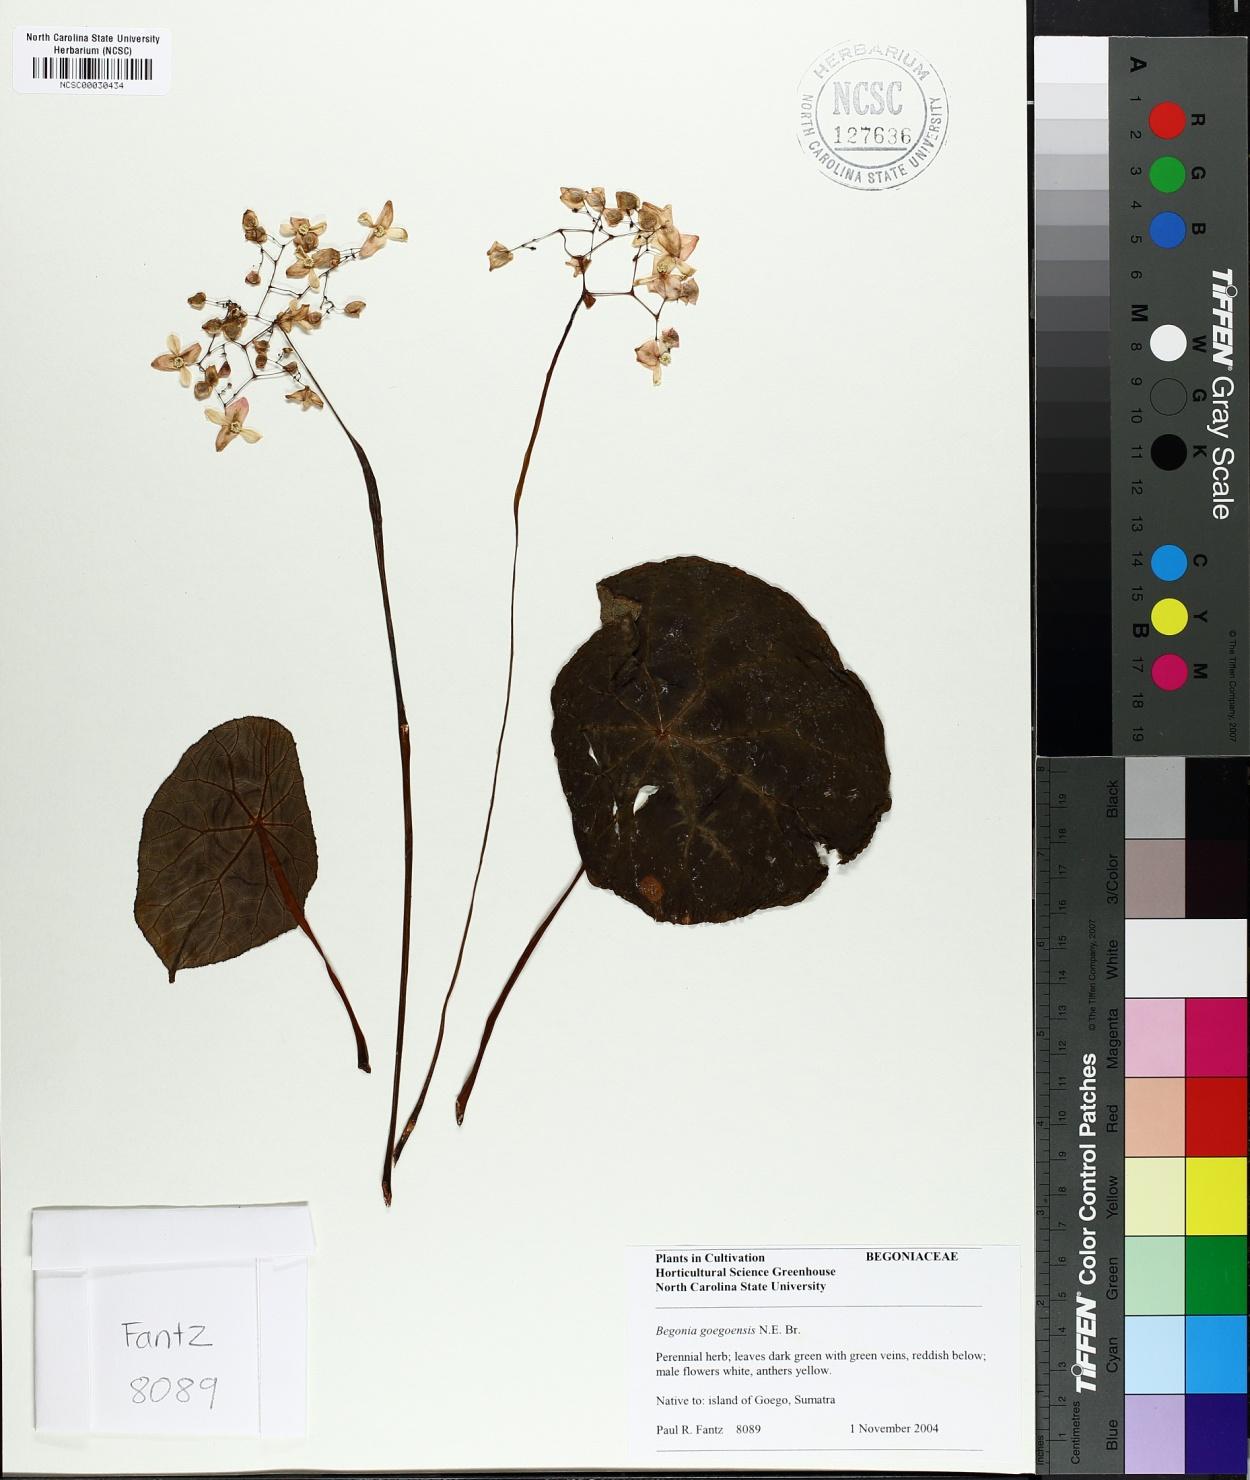 Begonia goegoensis image